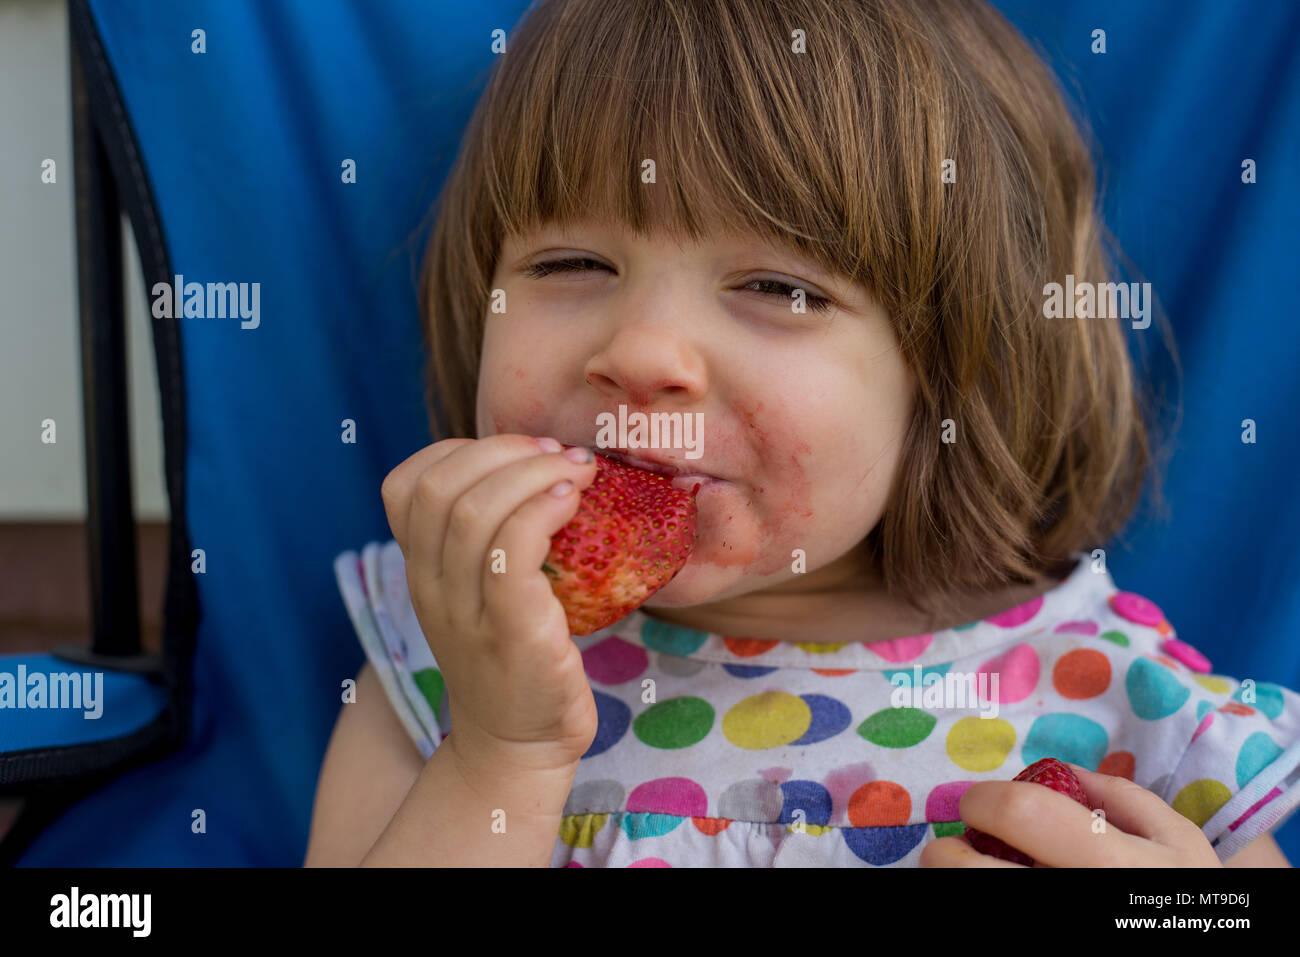 Un enfant de 3 ans mange une fraise. Photo Stock